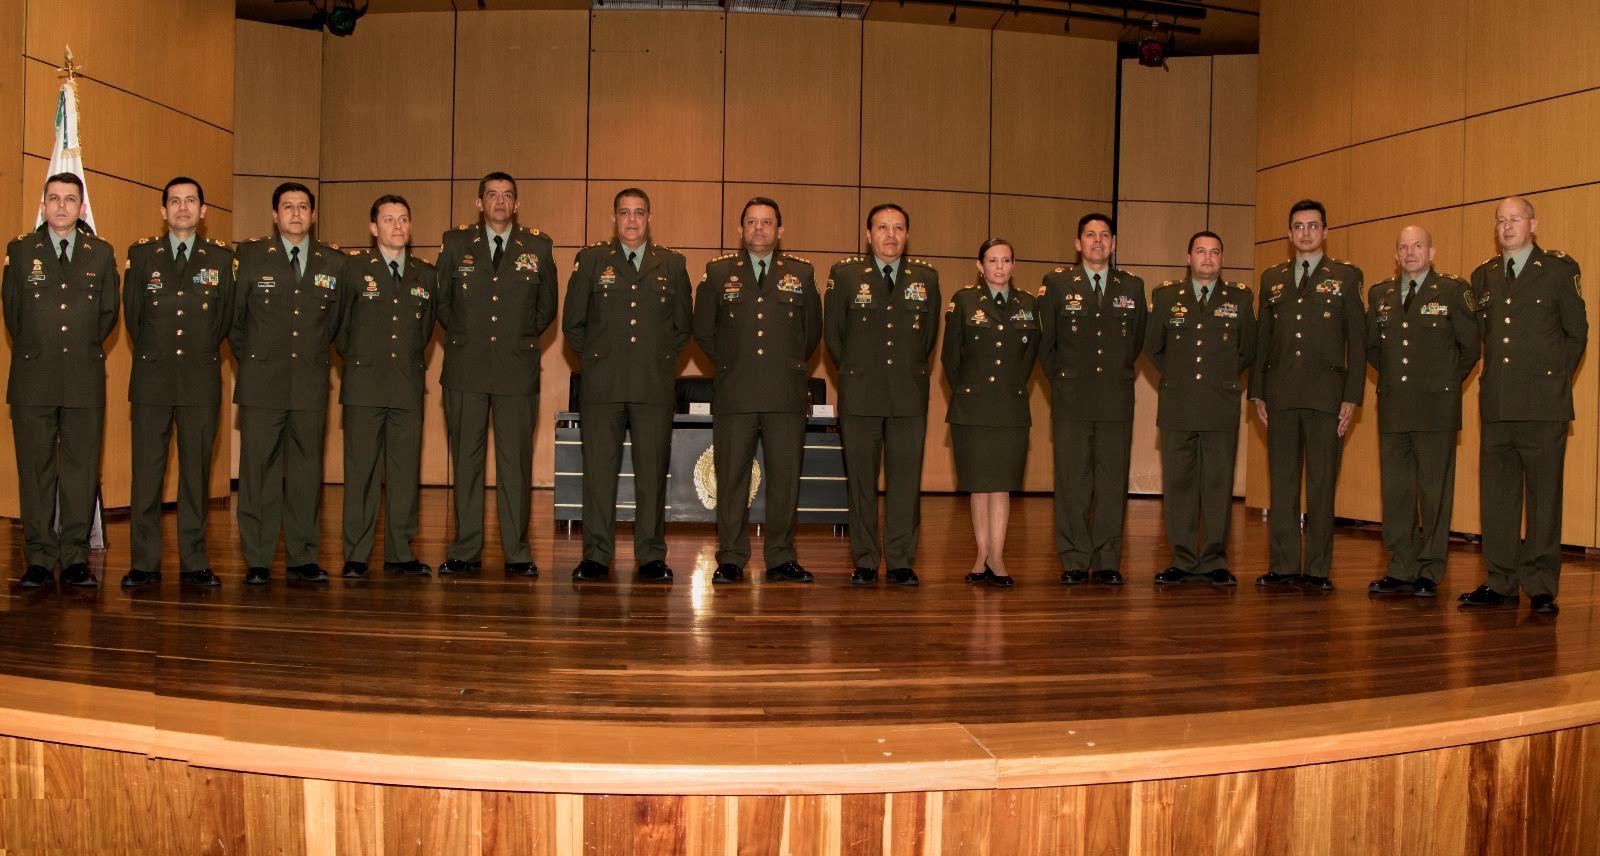 cumbre-de-generales-evaluo-a-54-coroneles